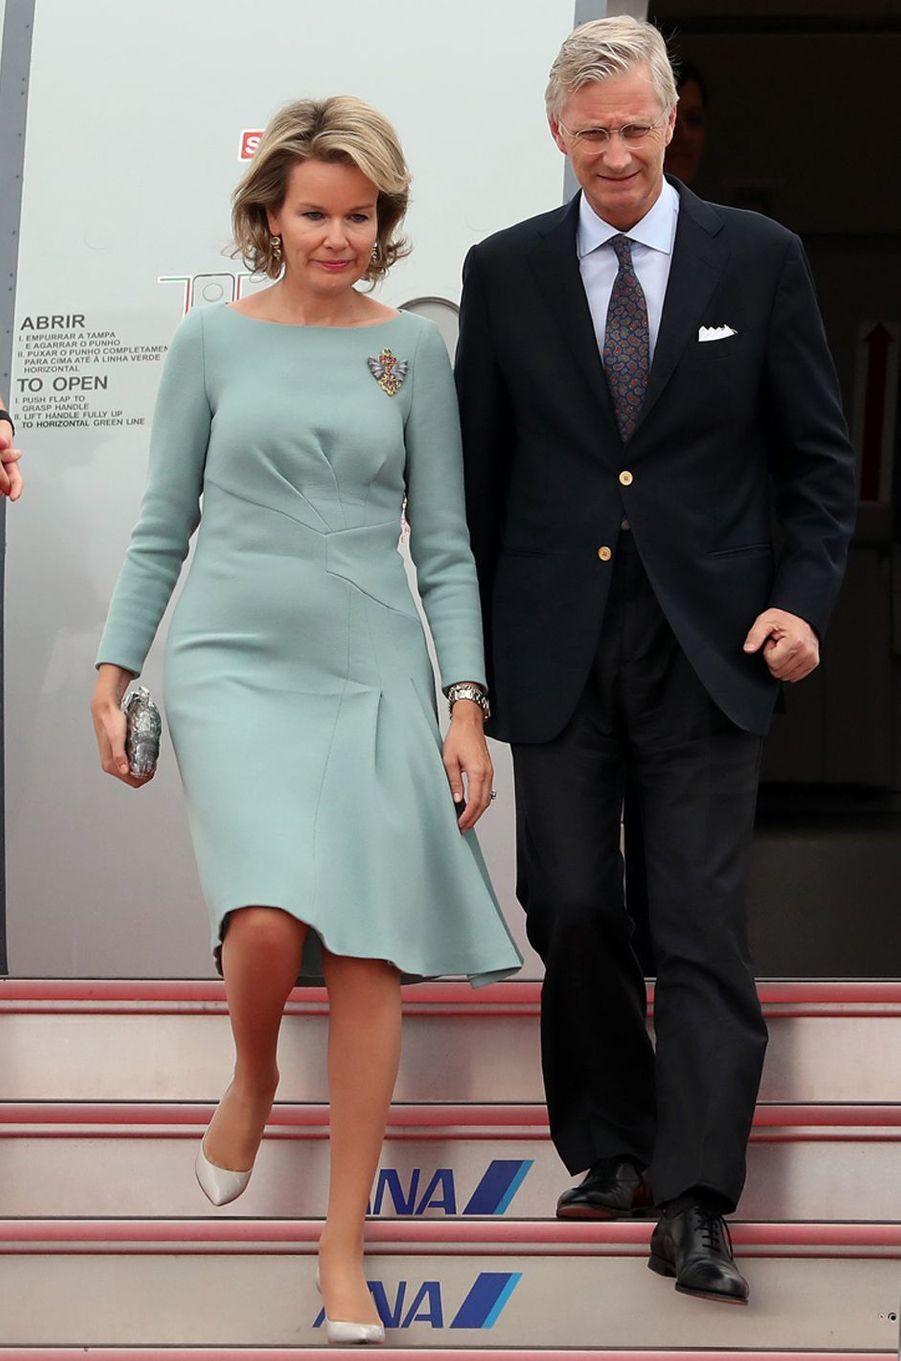 La reine Mathilde de Belgique au Japon, le 10 octobre 2016